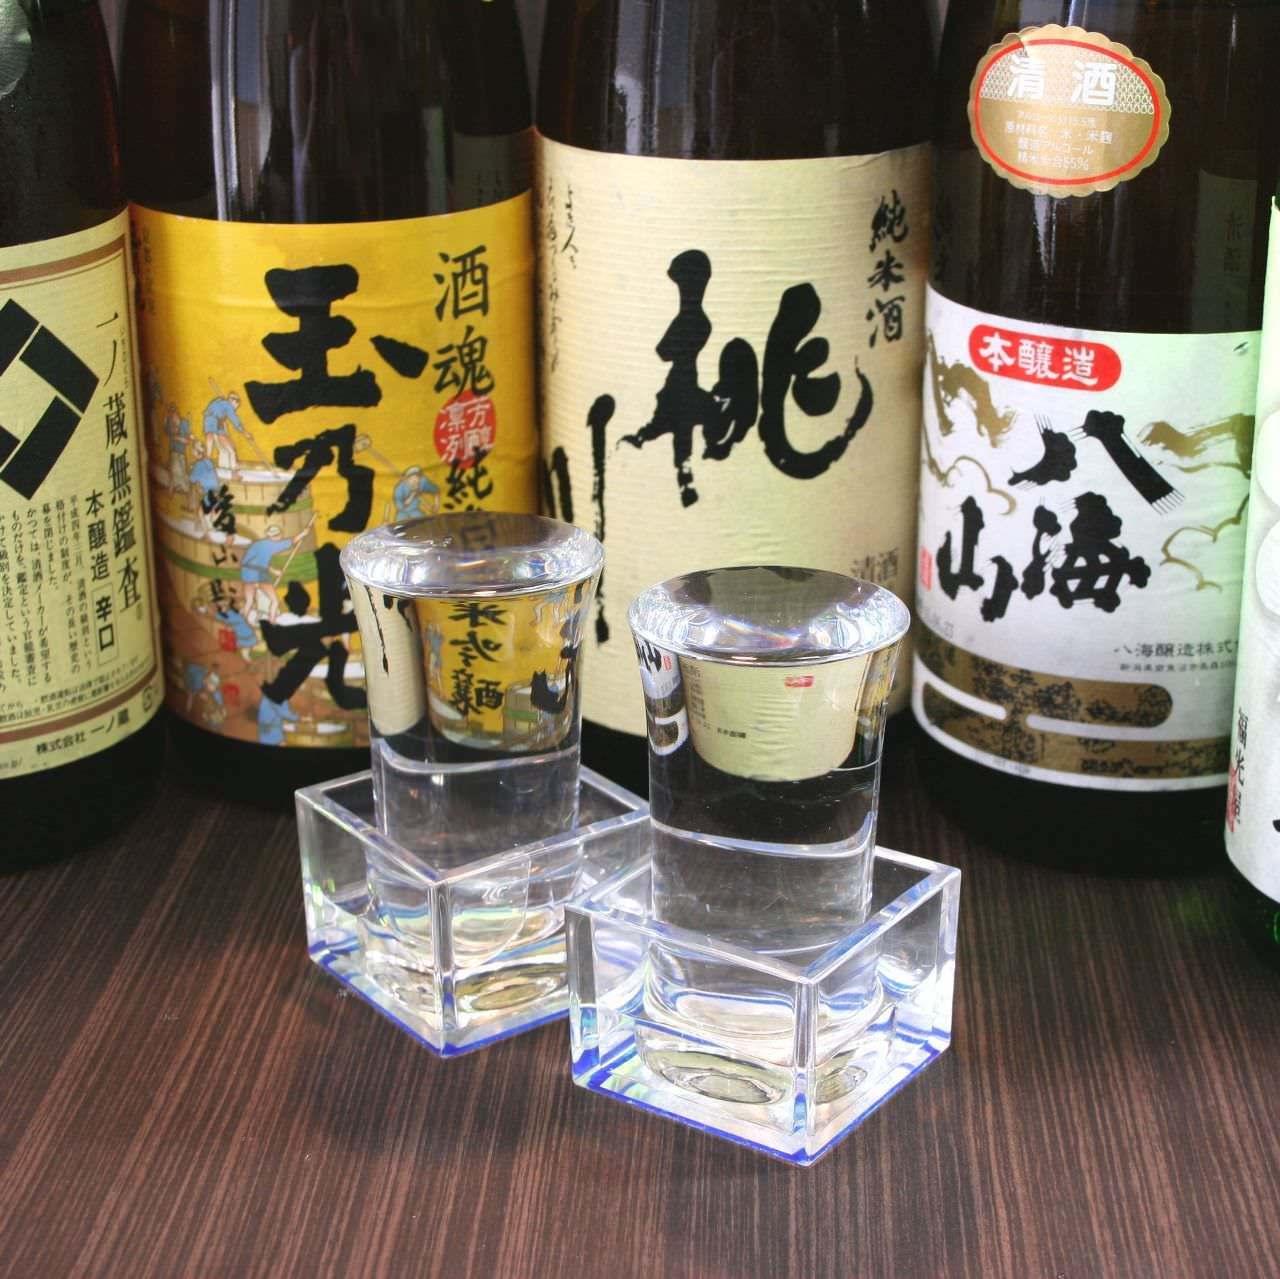 全国から取り寄せたこだわりの日本酒